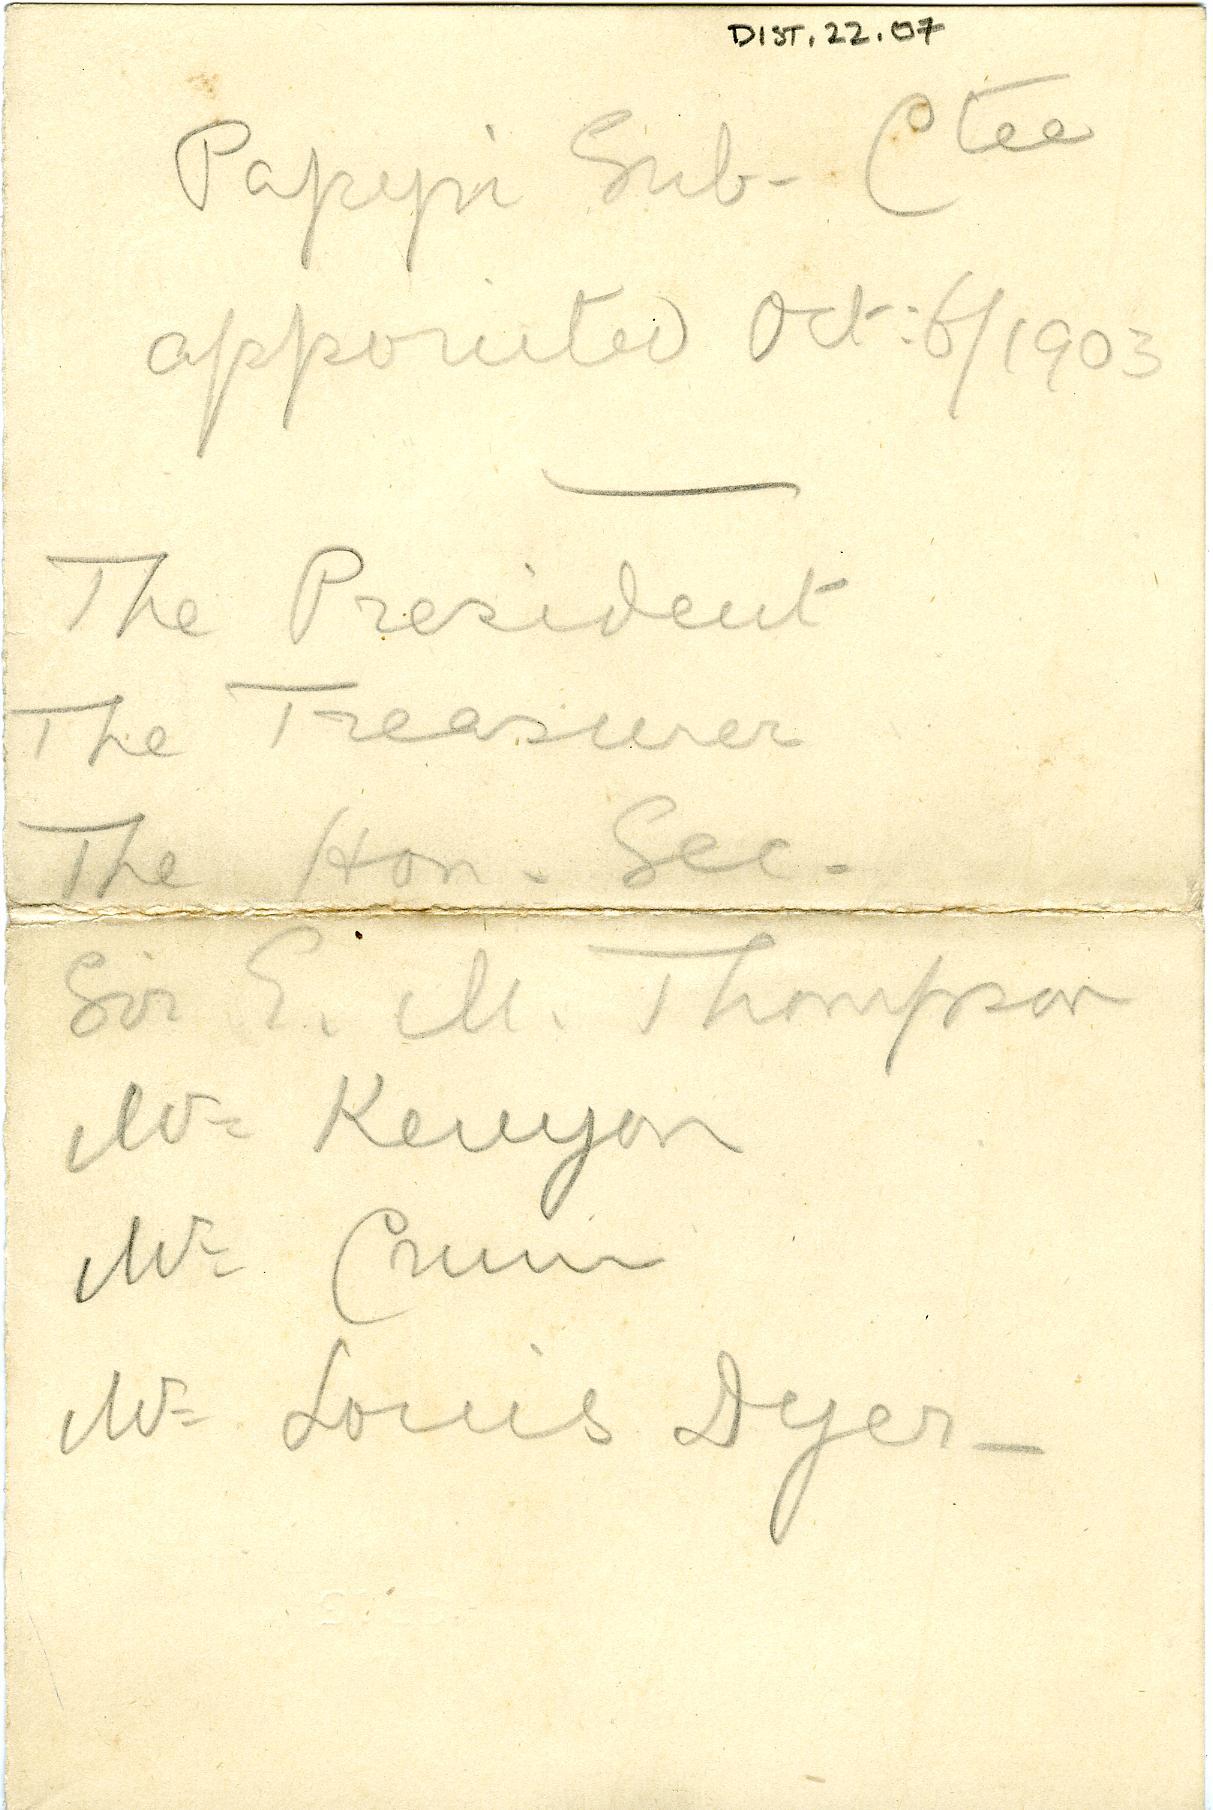 1902-07 Oxyrhynchus, Faiyum, el-Hibeh DIST.22.07